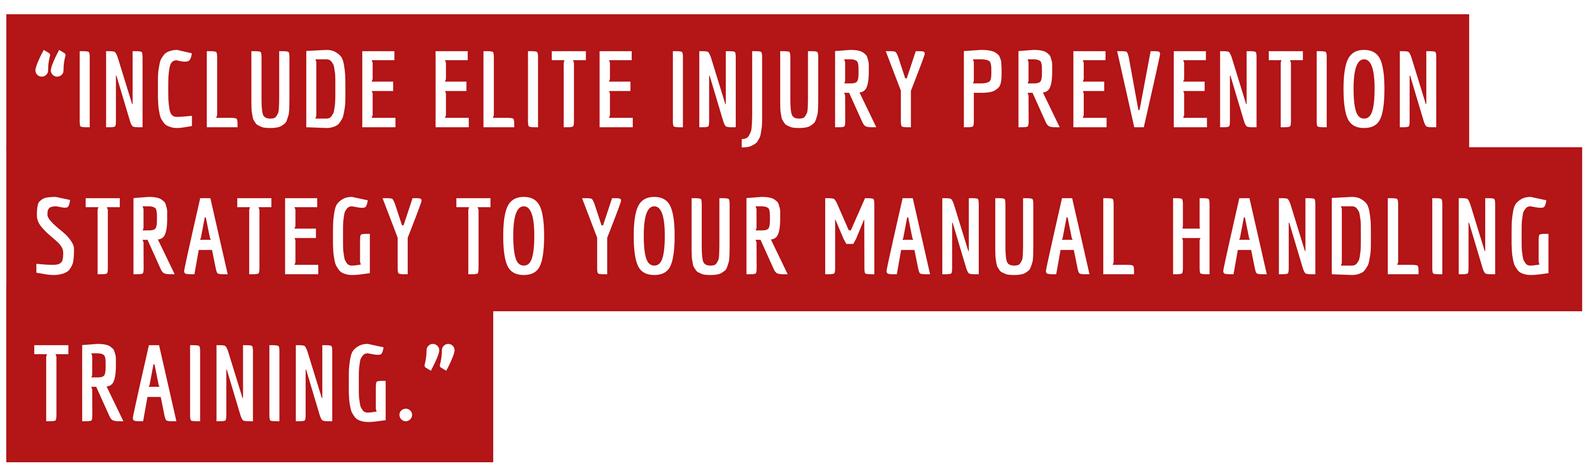 Typewriter Injury Preventionv2